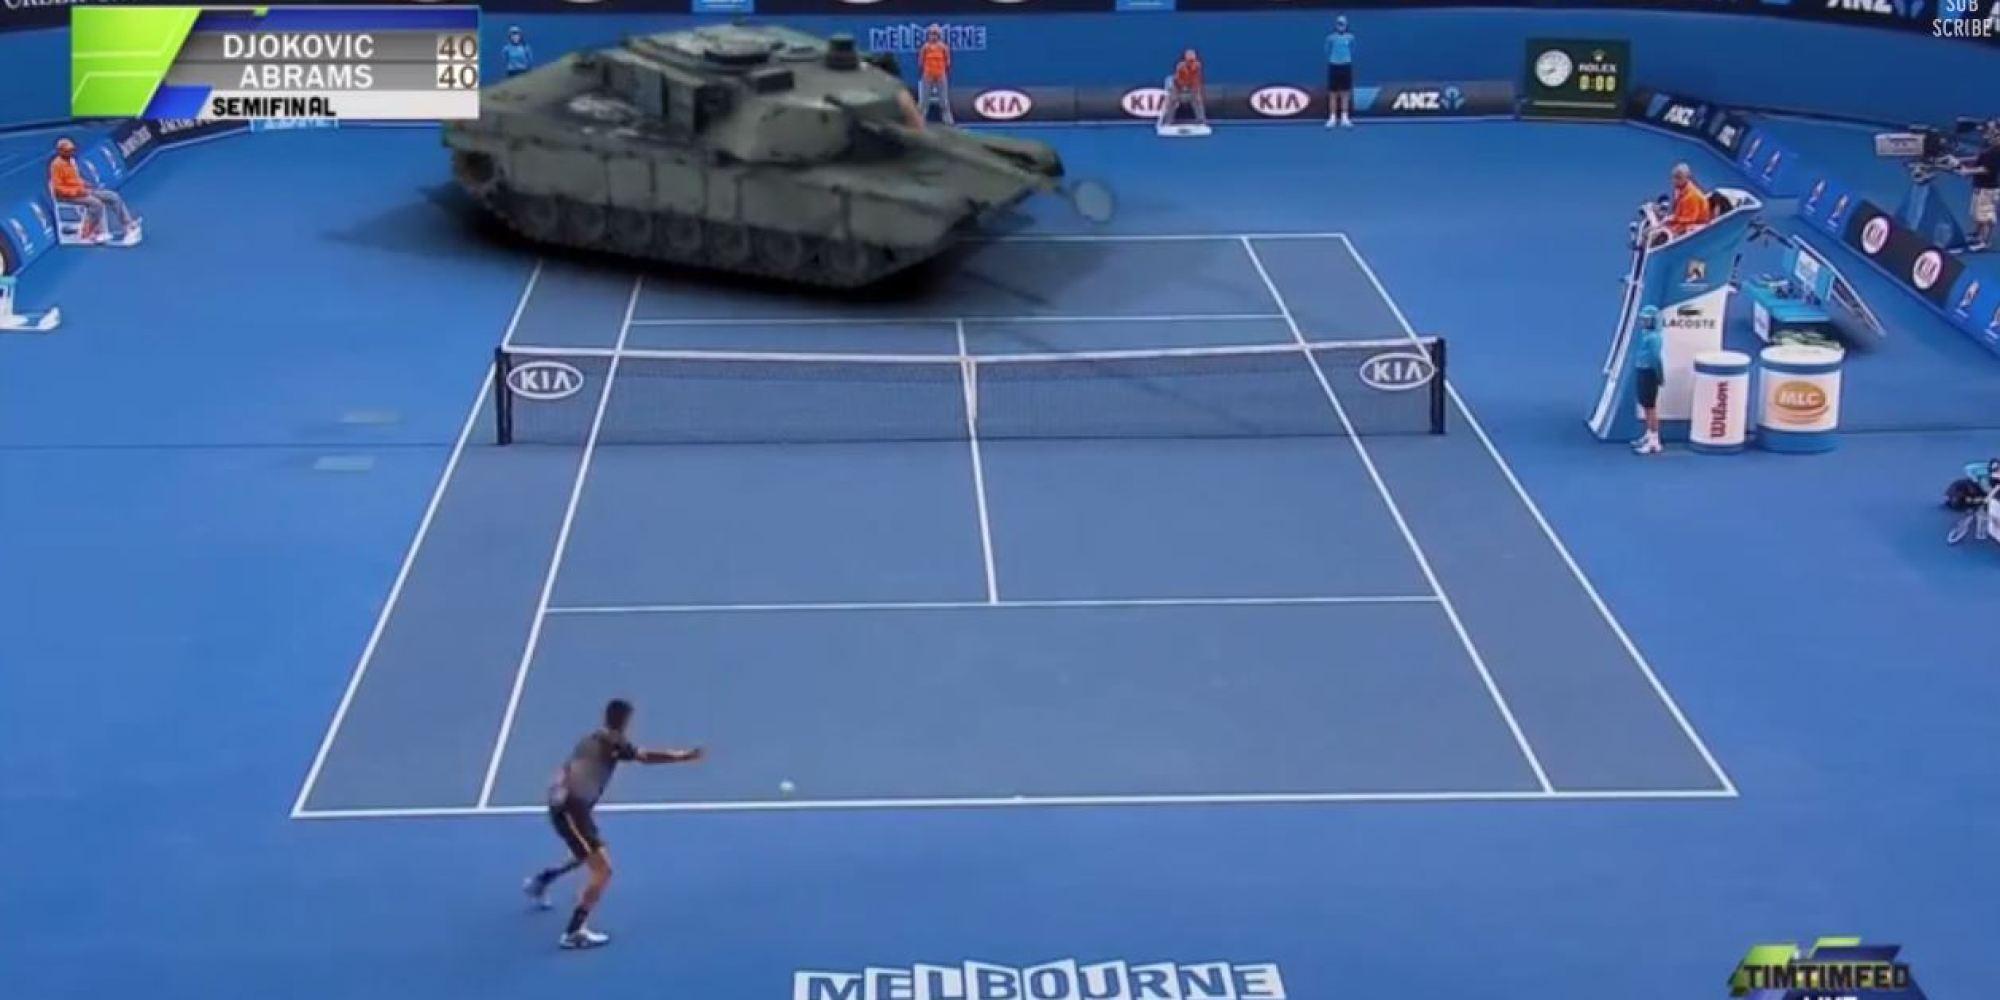 Novak Djokovic Plays A Tank In The Australian Open Semi Final